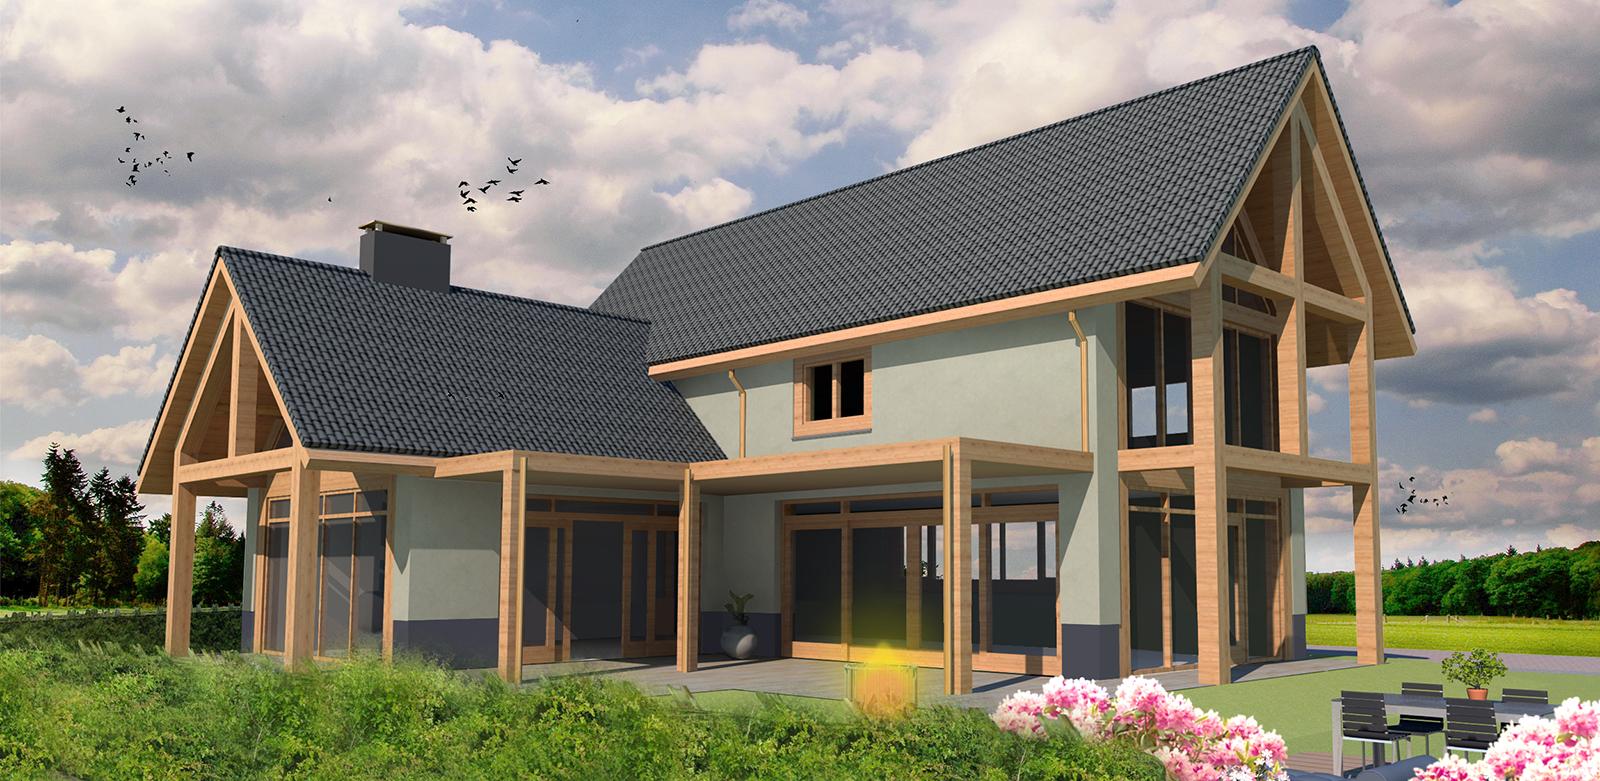 Nieuwbouw vrijstaande woning lookwatering den hoorn verbij for Nieuwbouw vrijstaande woning